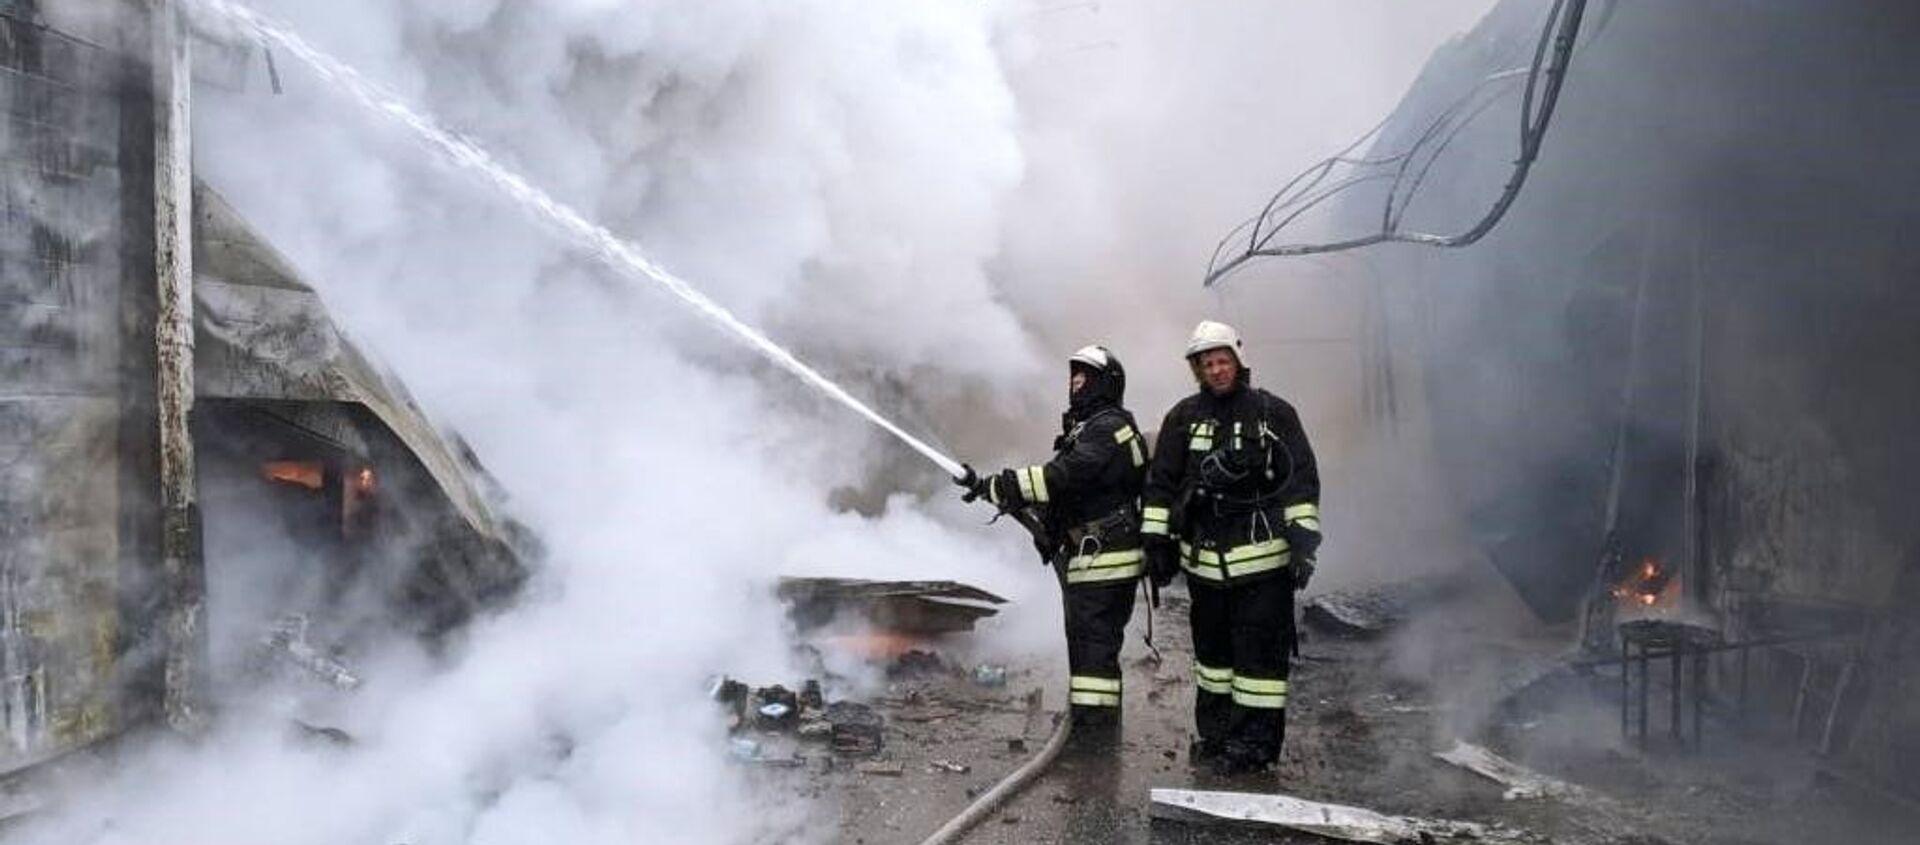 Пожар на рынке в Волгограде - Sputnik Таджикистан, 1920, 16.02.2021